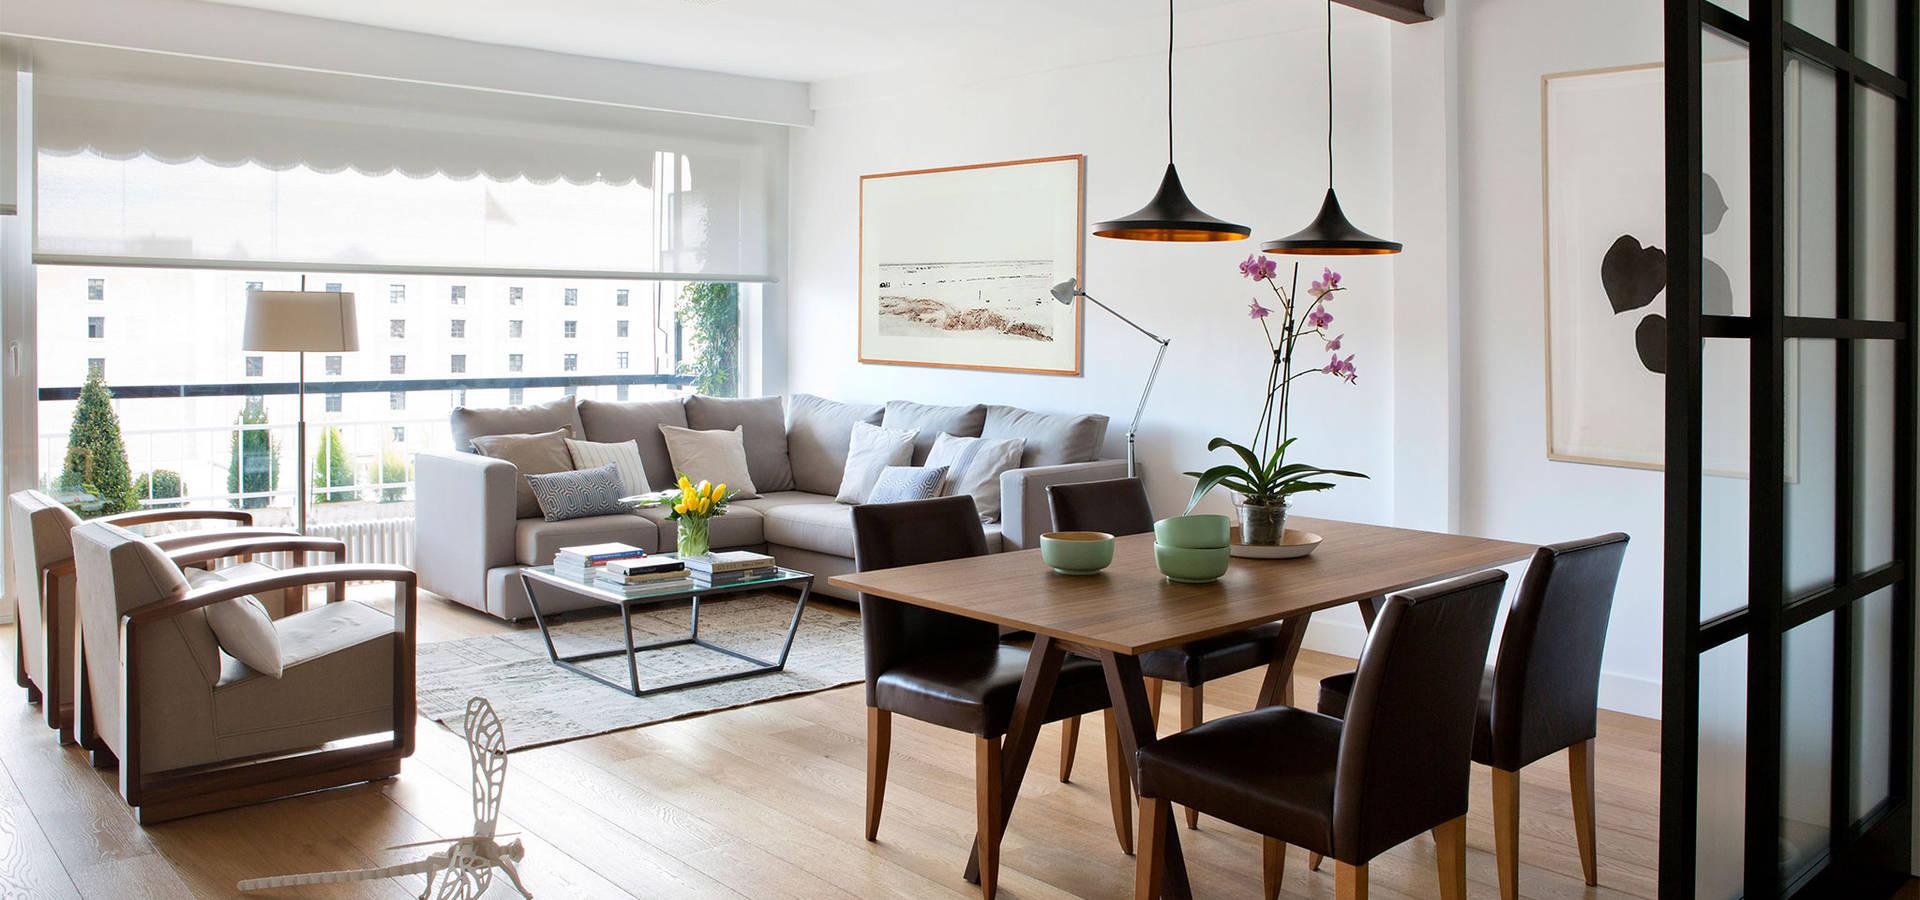 Interiorismo paloma angulo decoradores y dise adores de - Decoradores de interiores en madrid ...